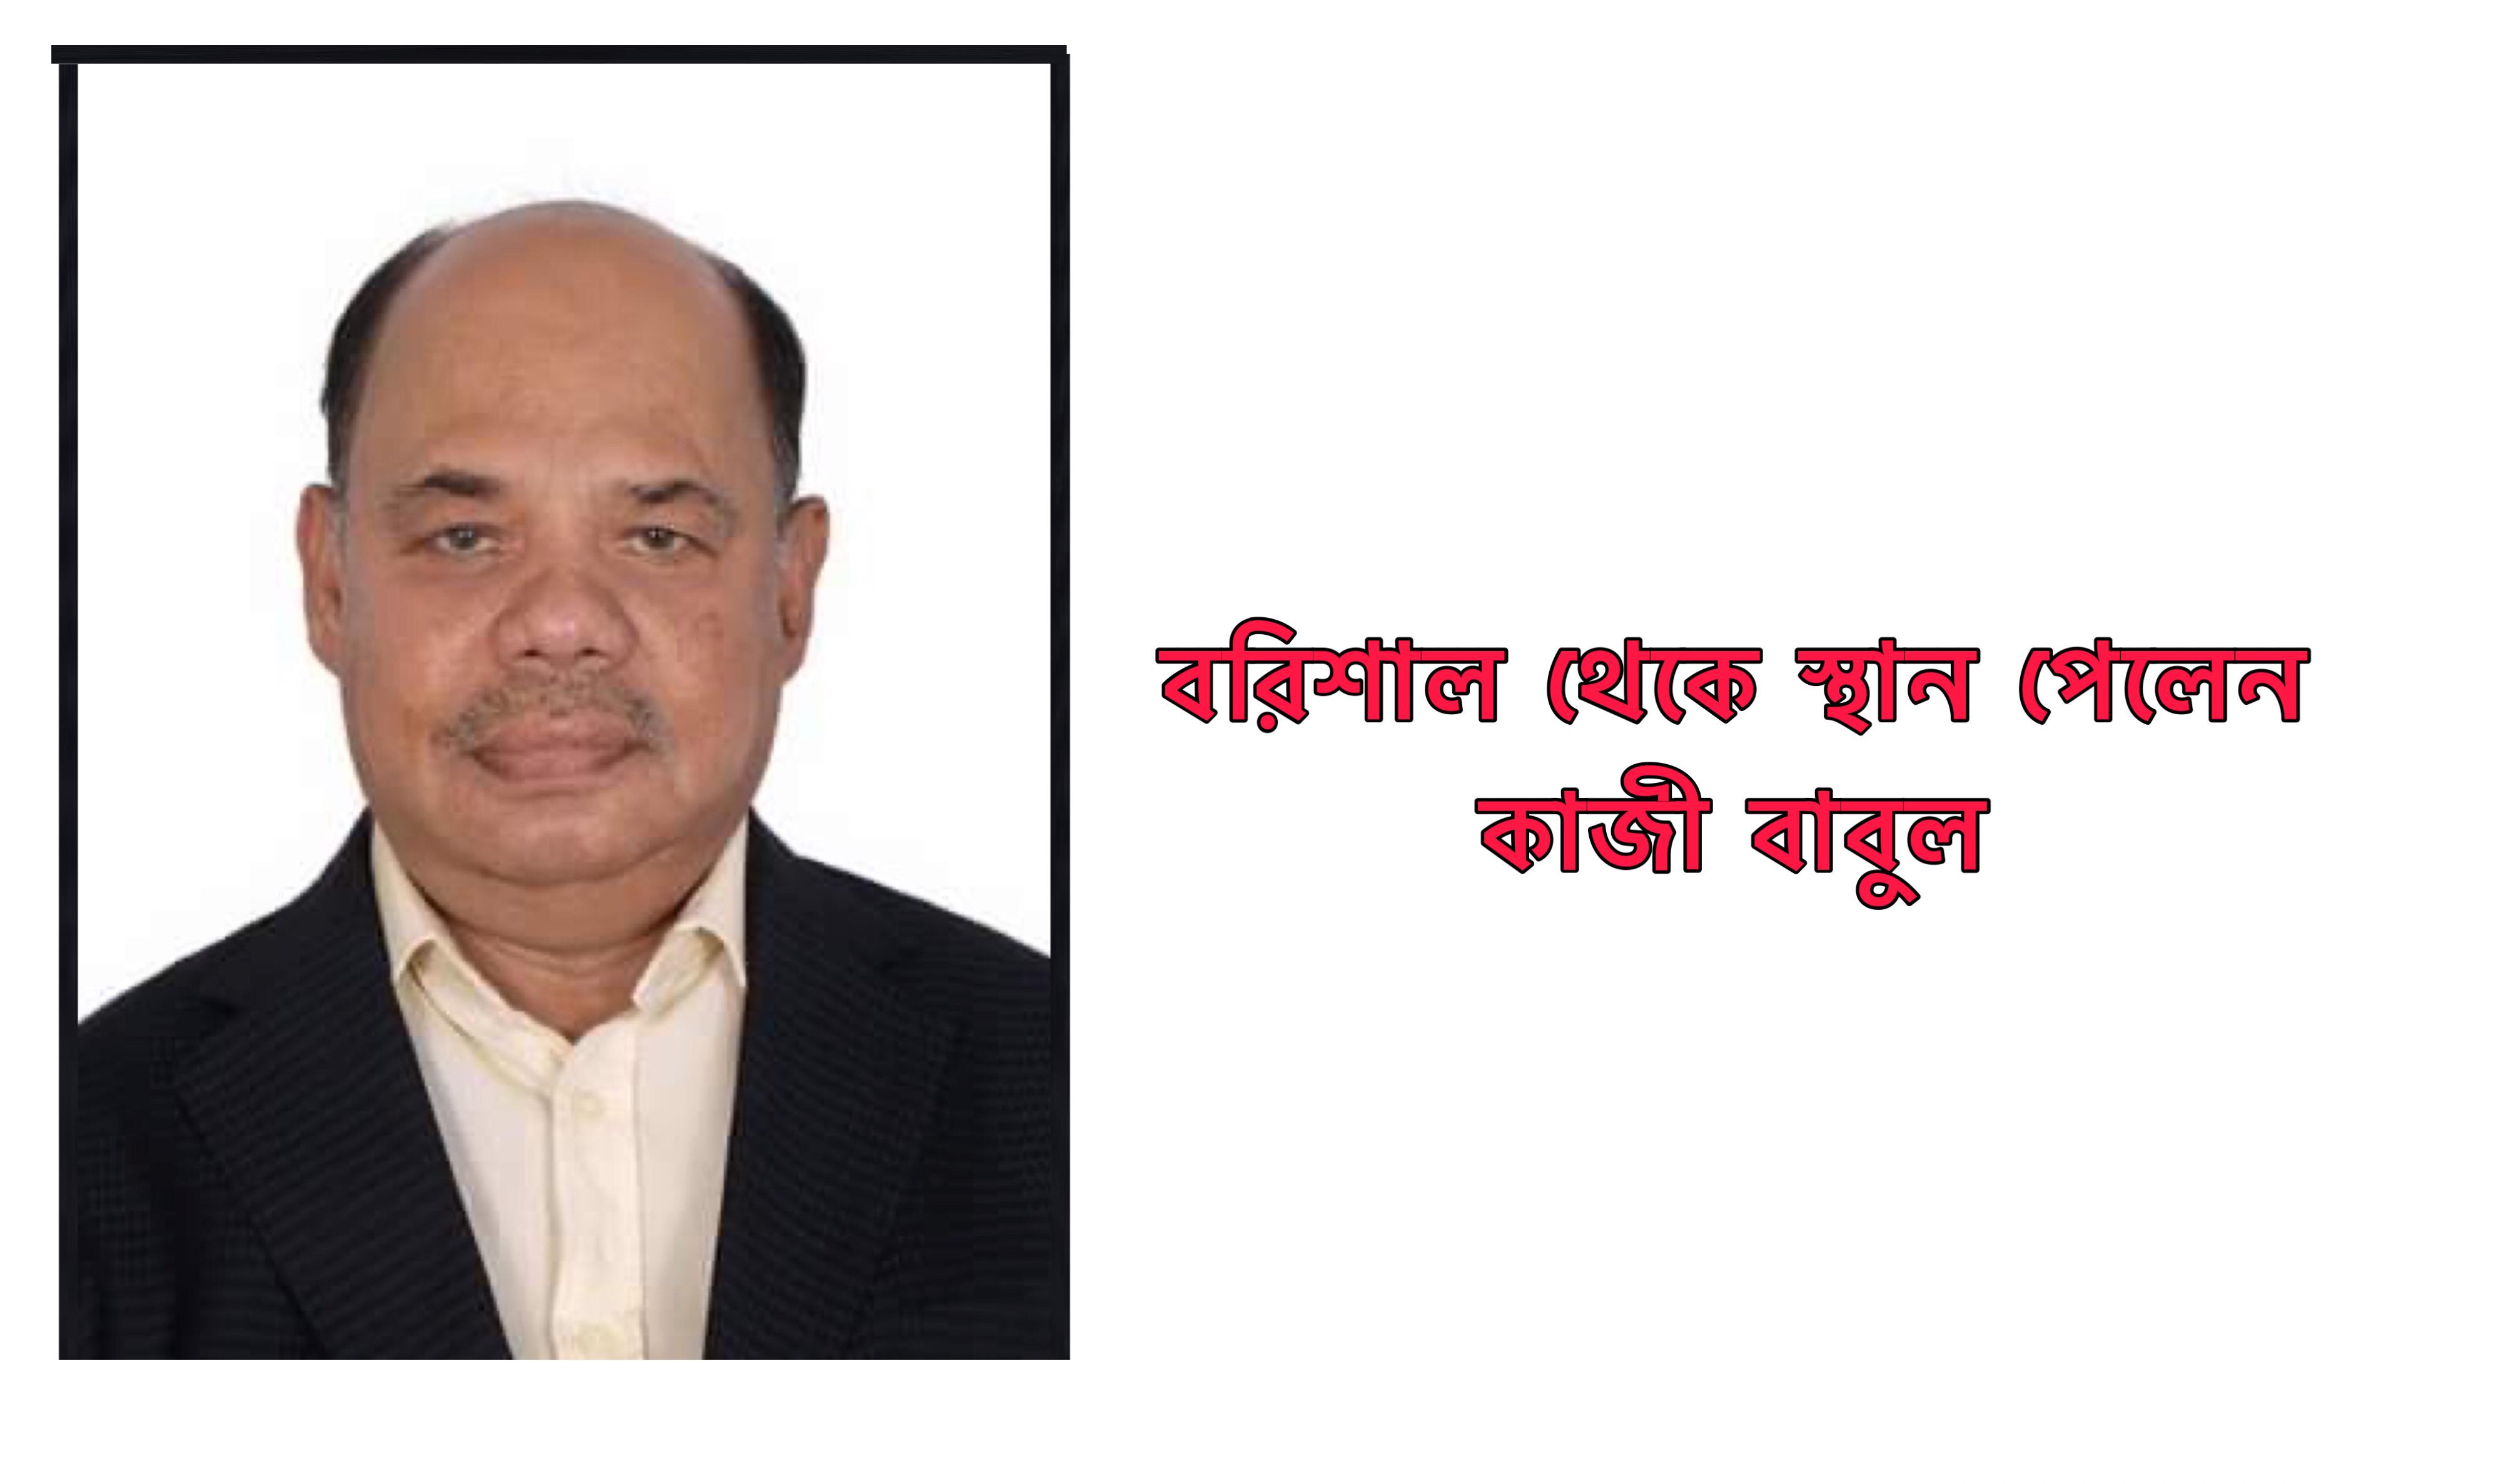 বাংলাদেশ সম্পাদক ফোরামের আহ্বায়ক কমিটি গঠন